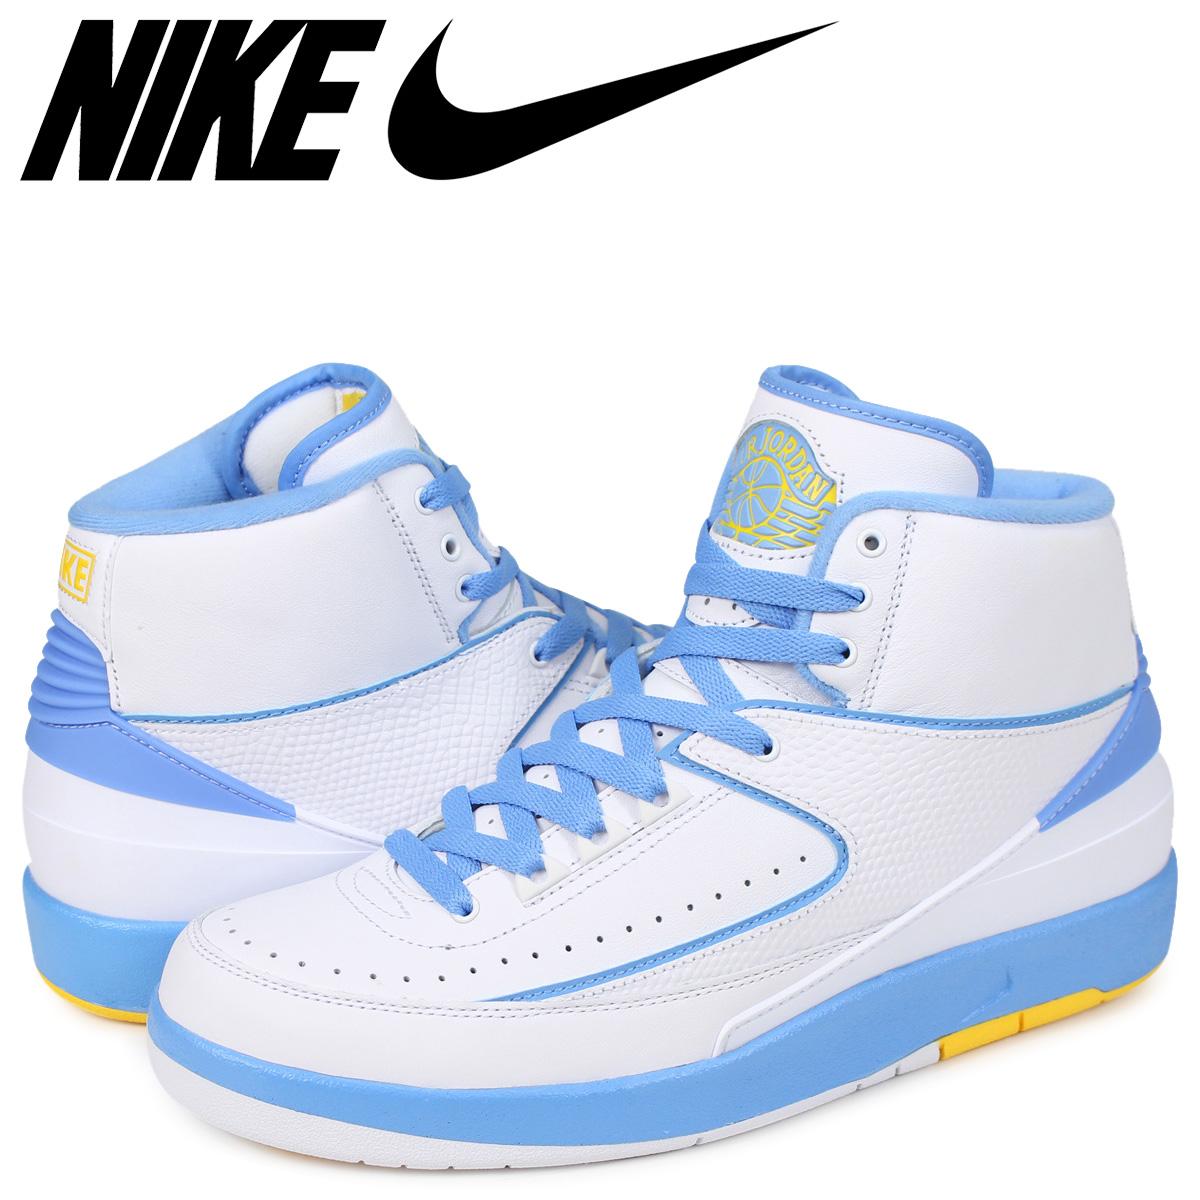 329b78d1ef04 NIKE AIR JORDAN 2 RETRO MELO Nike Air Jordan 2 nostalgic sneakers men  385